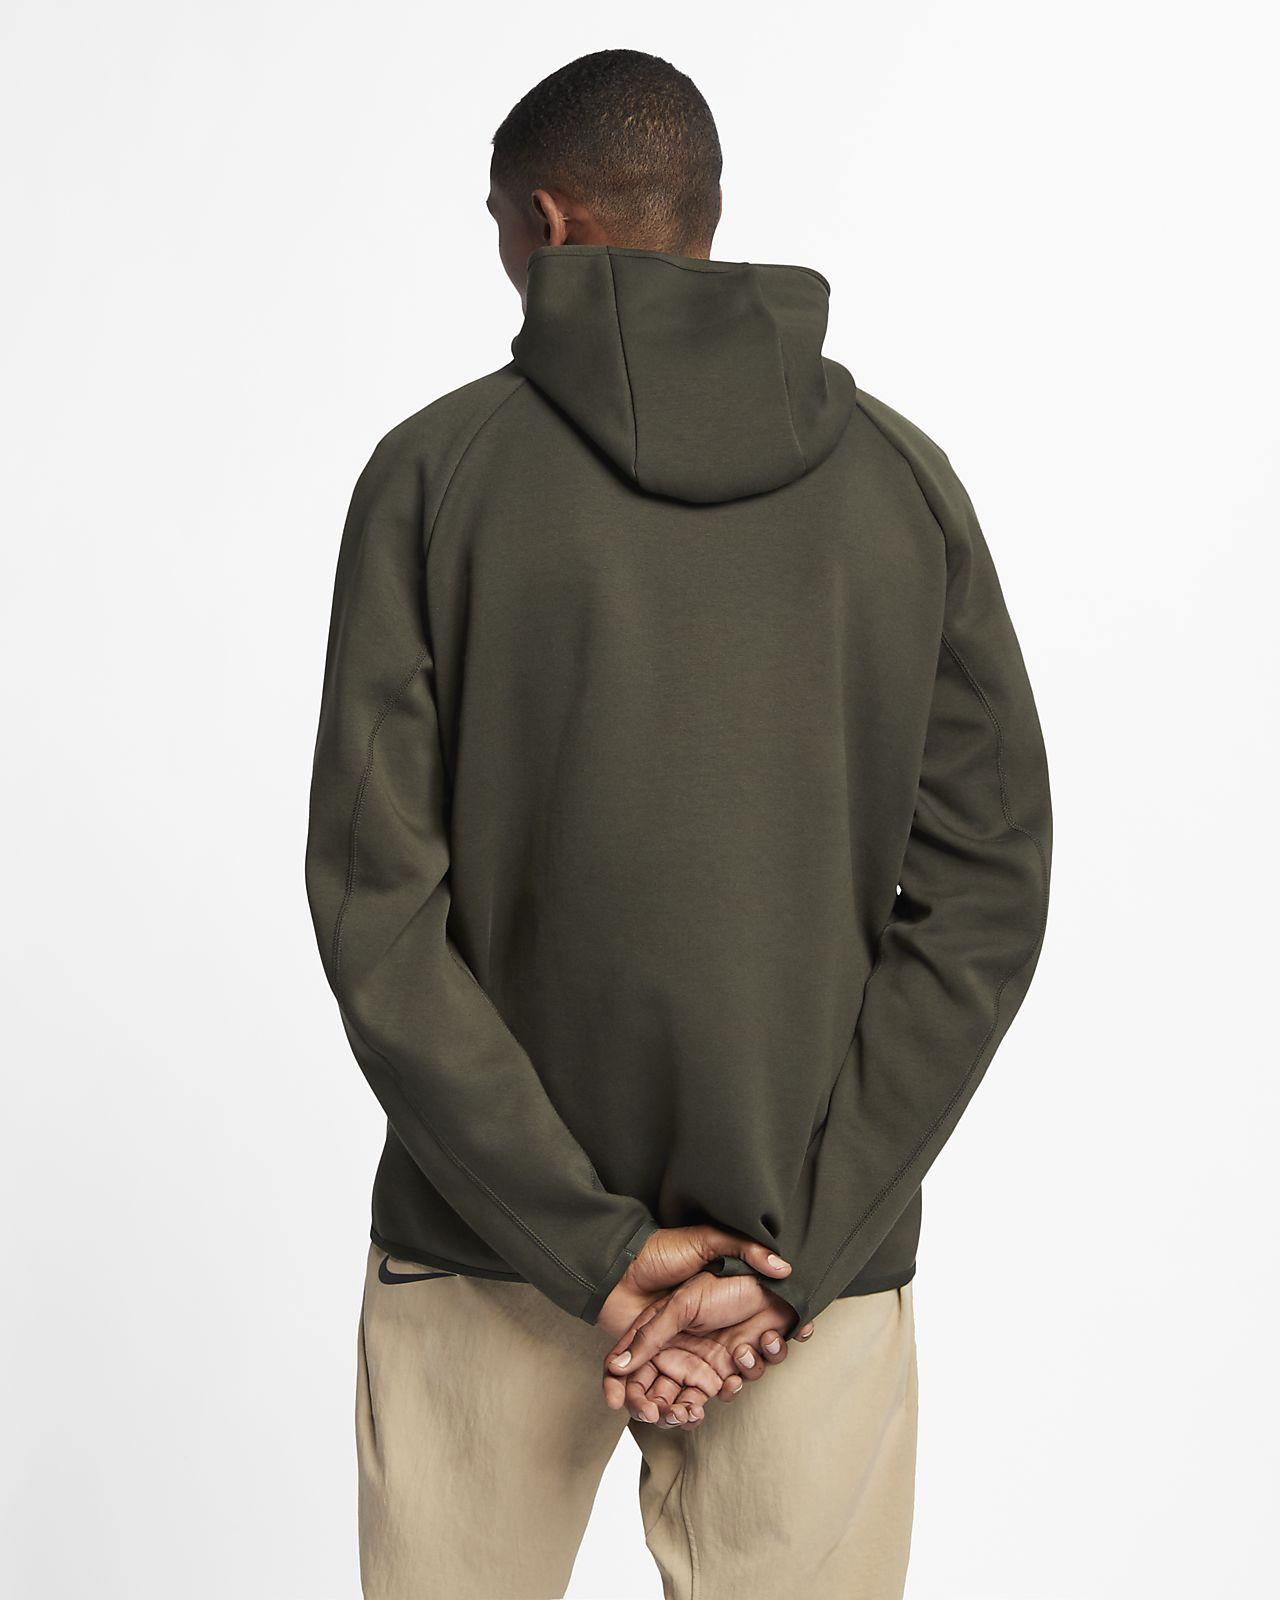 38874a55d5f2 Nike Sportswear Tech Fleece Men s Pullover Hoodie. Nike.com GB